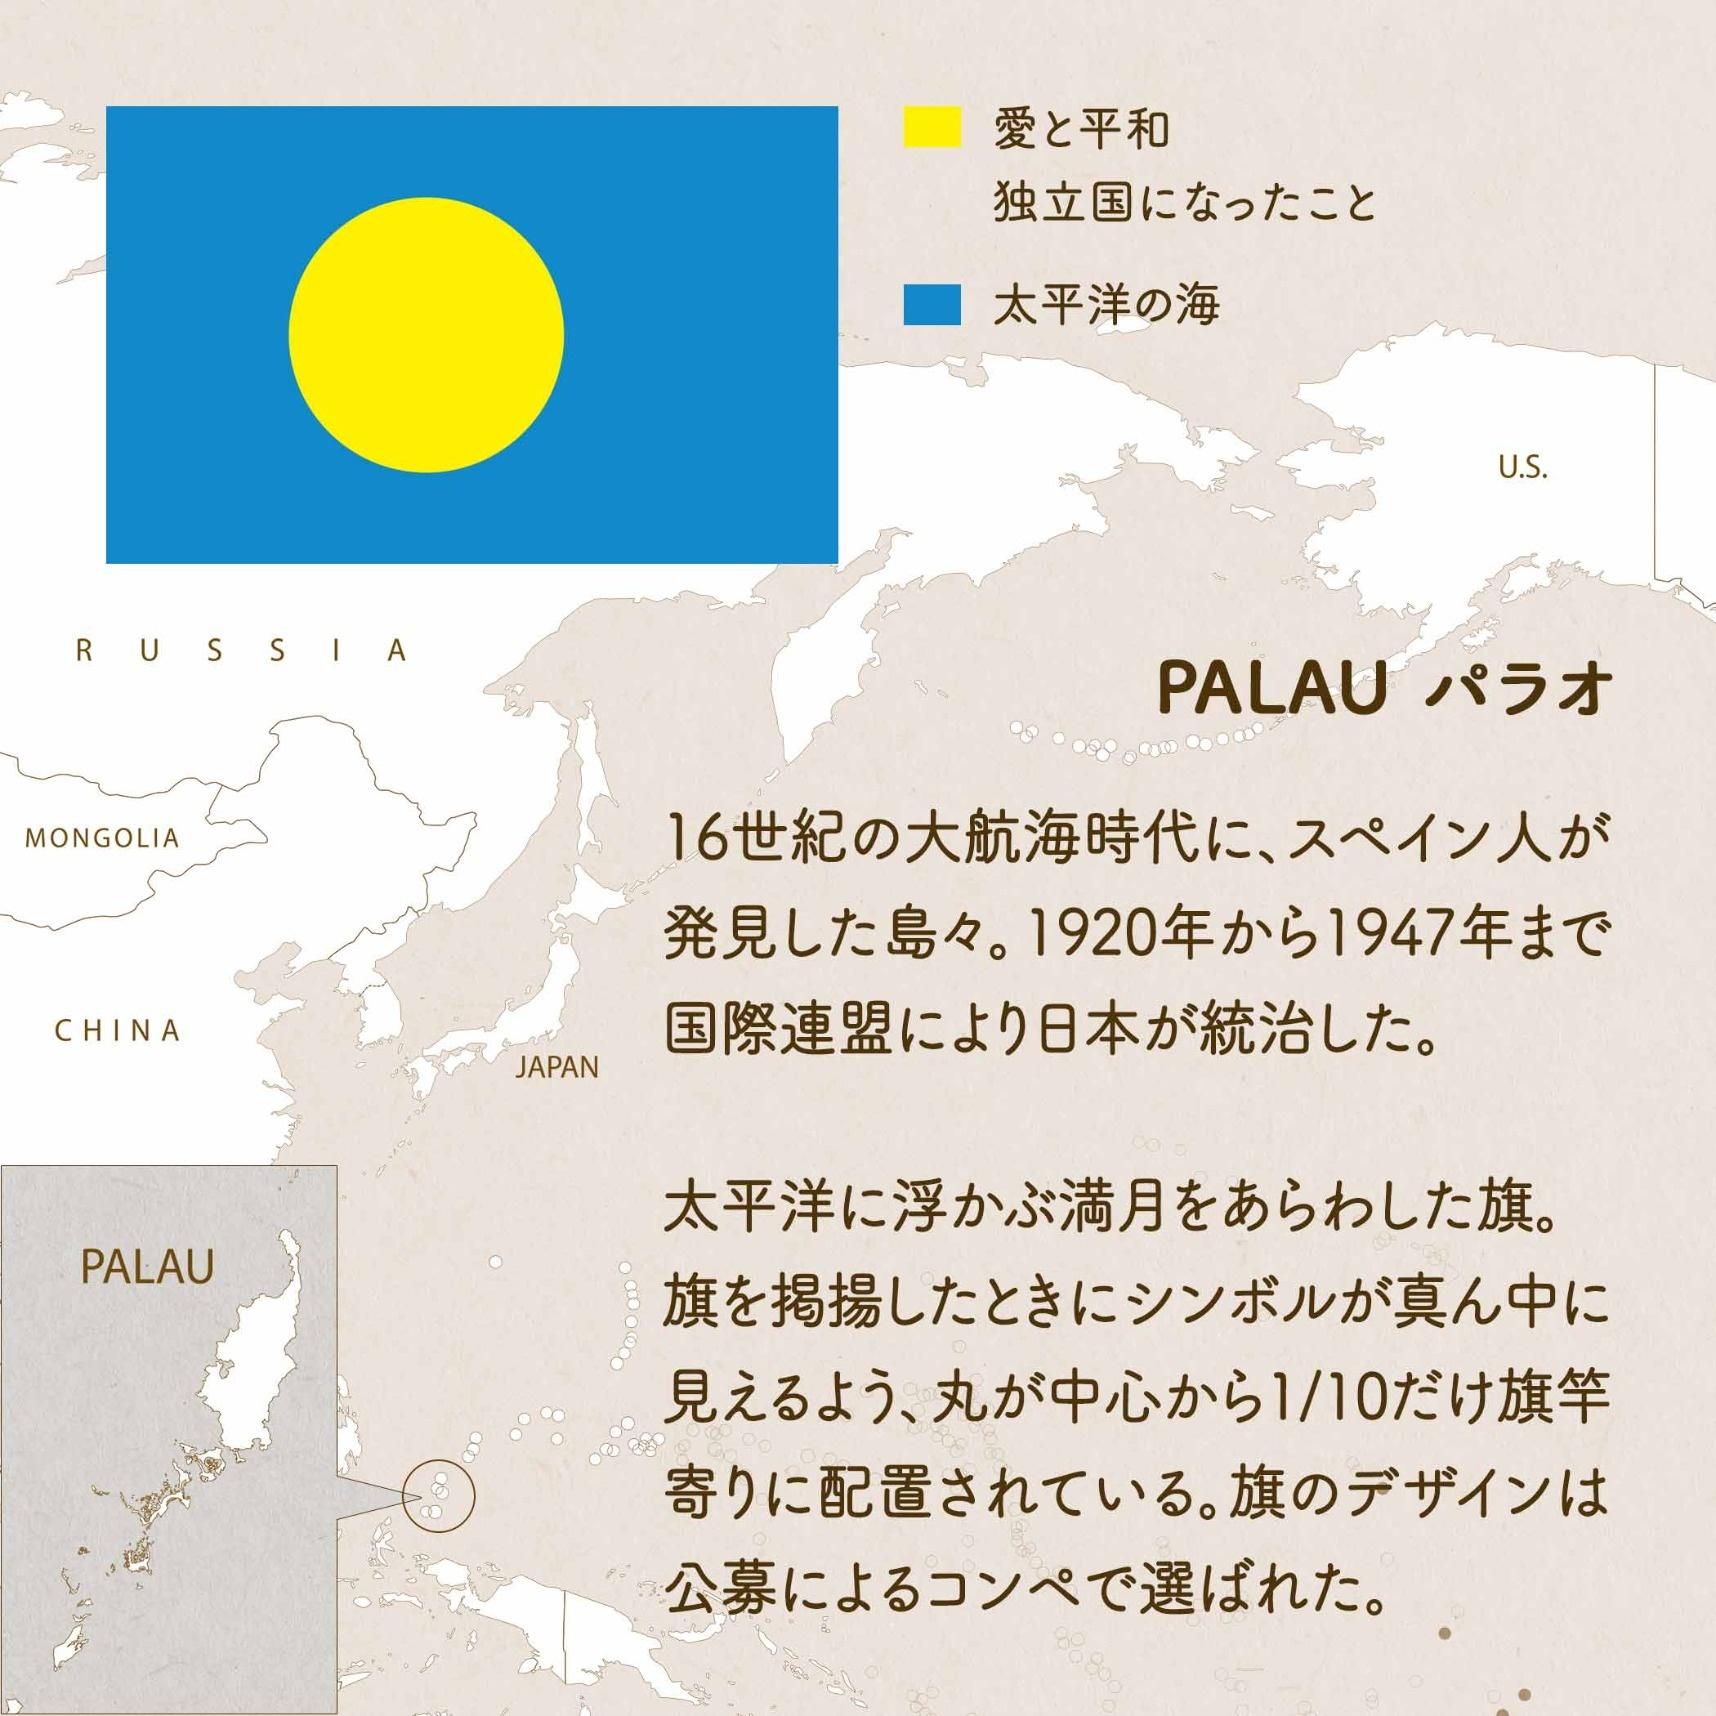 PALAU パラオ/16世紀の大航海時代に、スペイン人が発見した島々。1920年から1947年まで国際連盟により日本が統治した。太平洋に浮かぶ満月をあらわした旗。旗を掲揚したときにシンボルが真ん中に見えるよう、丸が中心から1/10だけ旗竿寄りに配置されている。旗のデザインは公募によるコンペで選ばれた。 黄色=愛と平和・独立国になったこと 青=太平洋の海